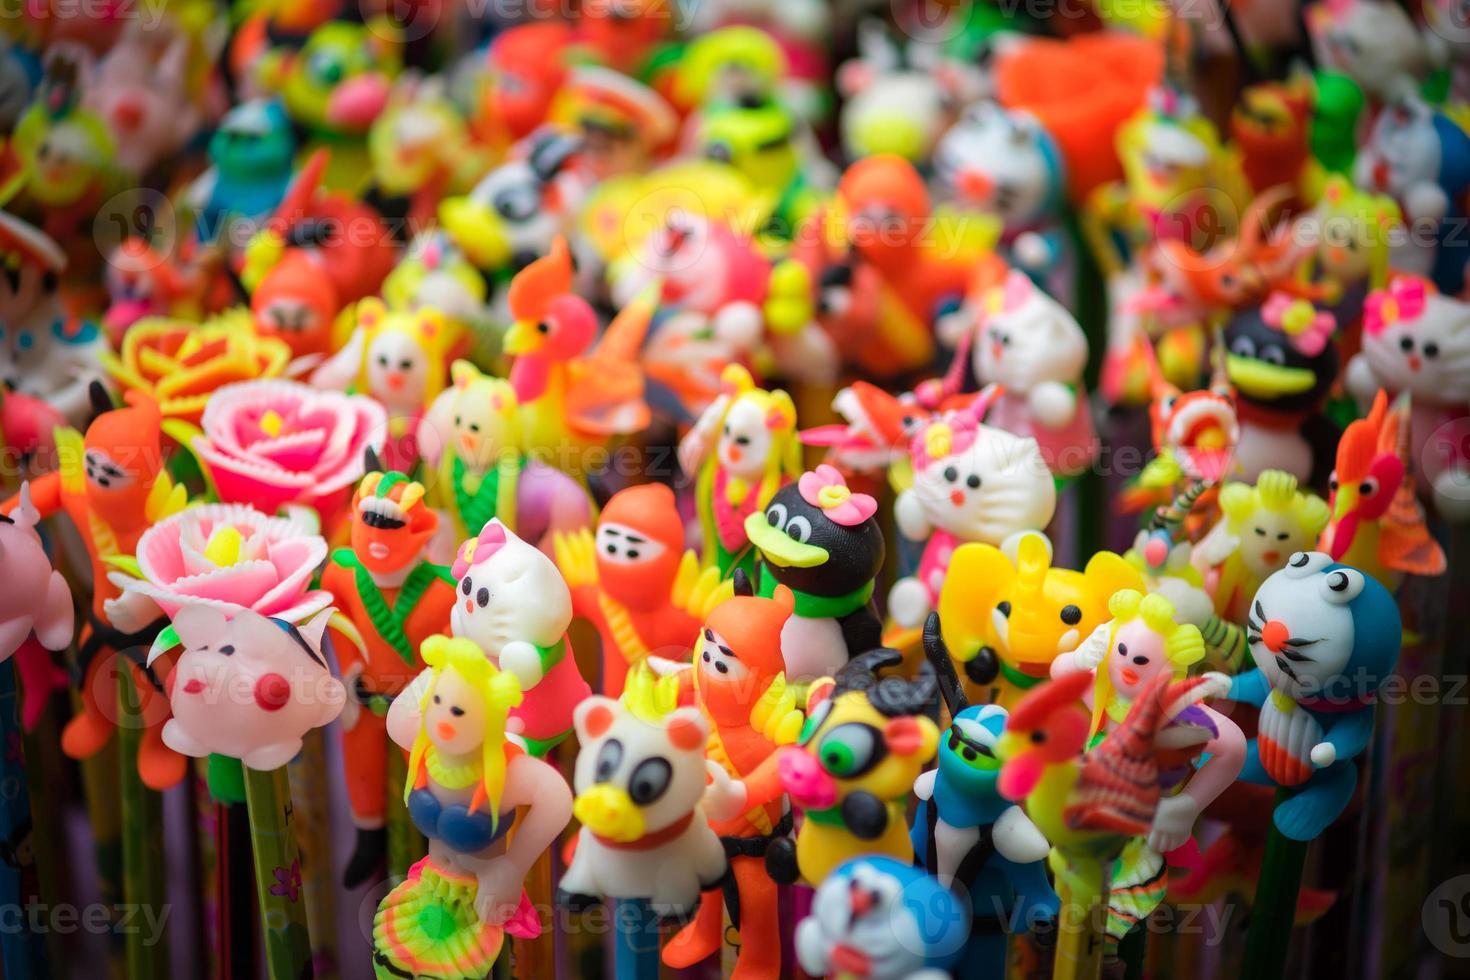 decorações de cores tradicionais em meados do outono festival da Ásia foto